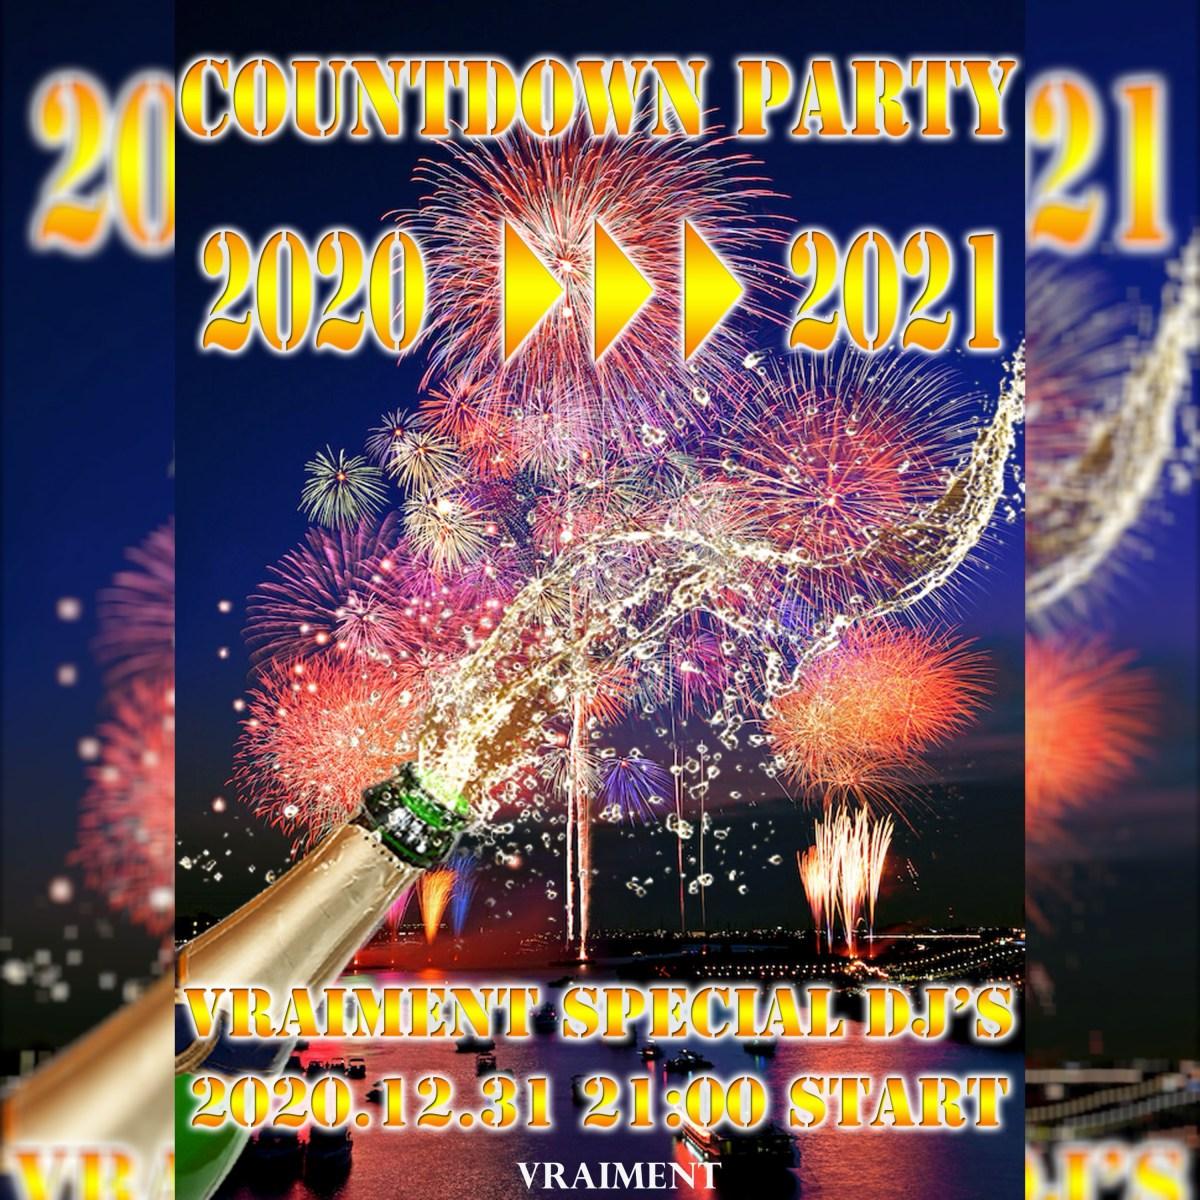 【12月31日】☆COUNT DOWN PARTY☆2020→2021